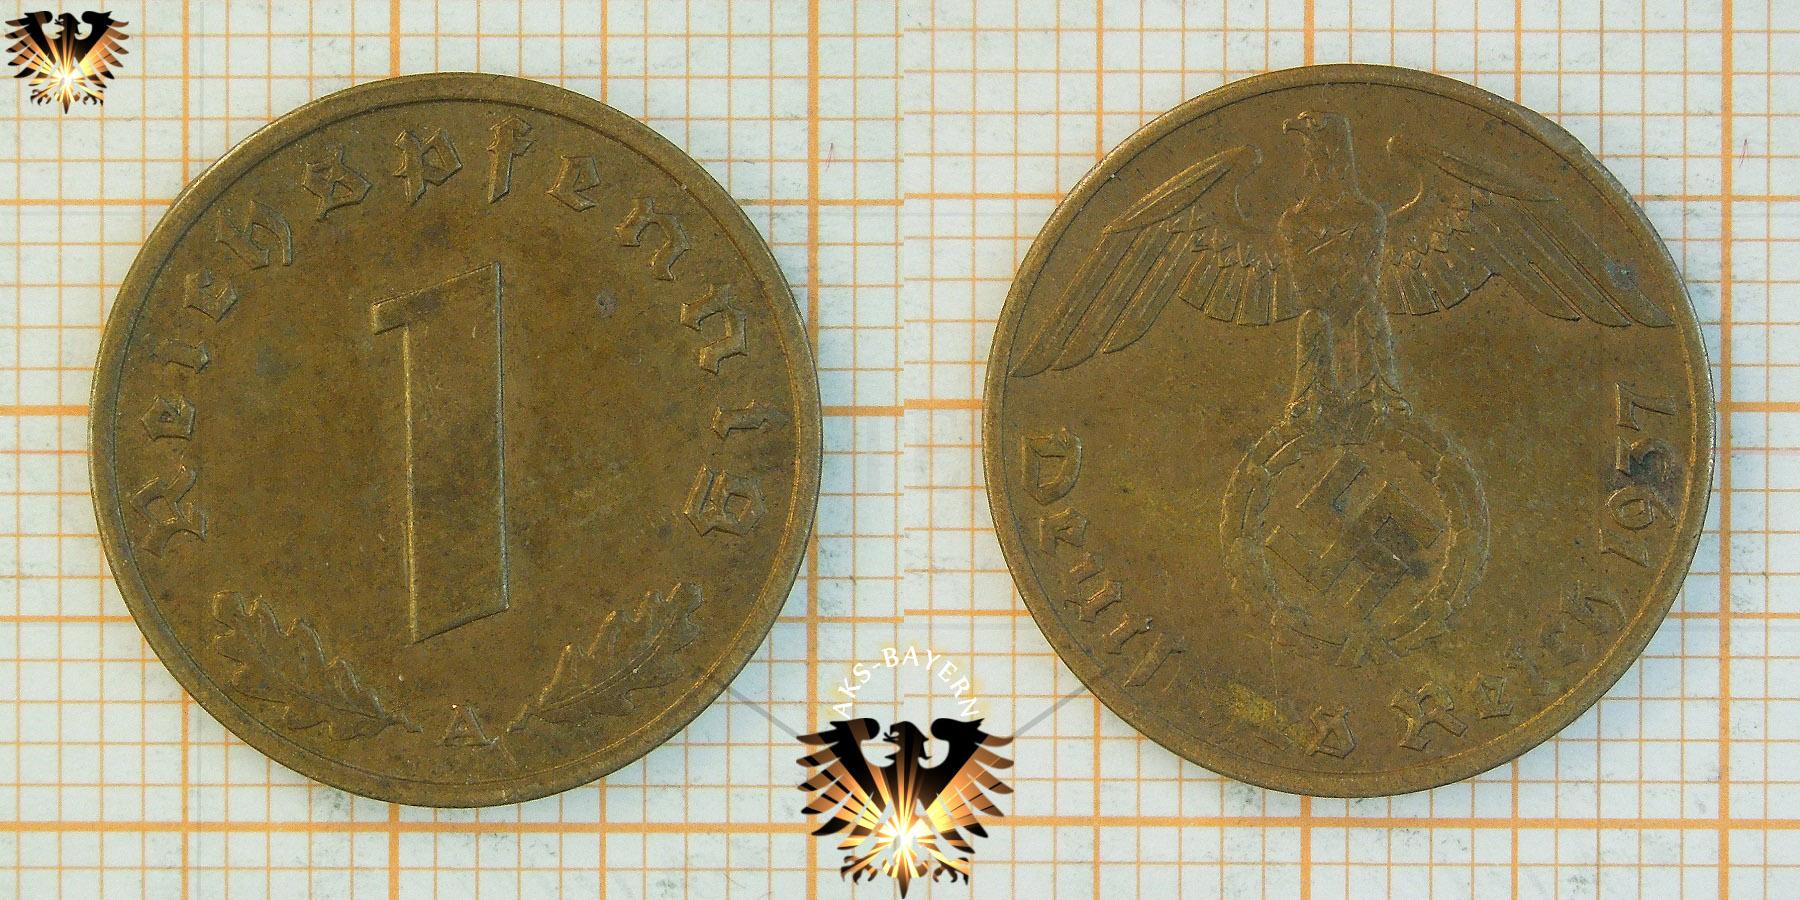 1 Reichspfennig 1937 Deutsches Reich Iii Reich